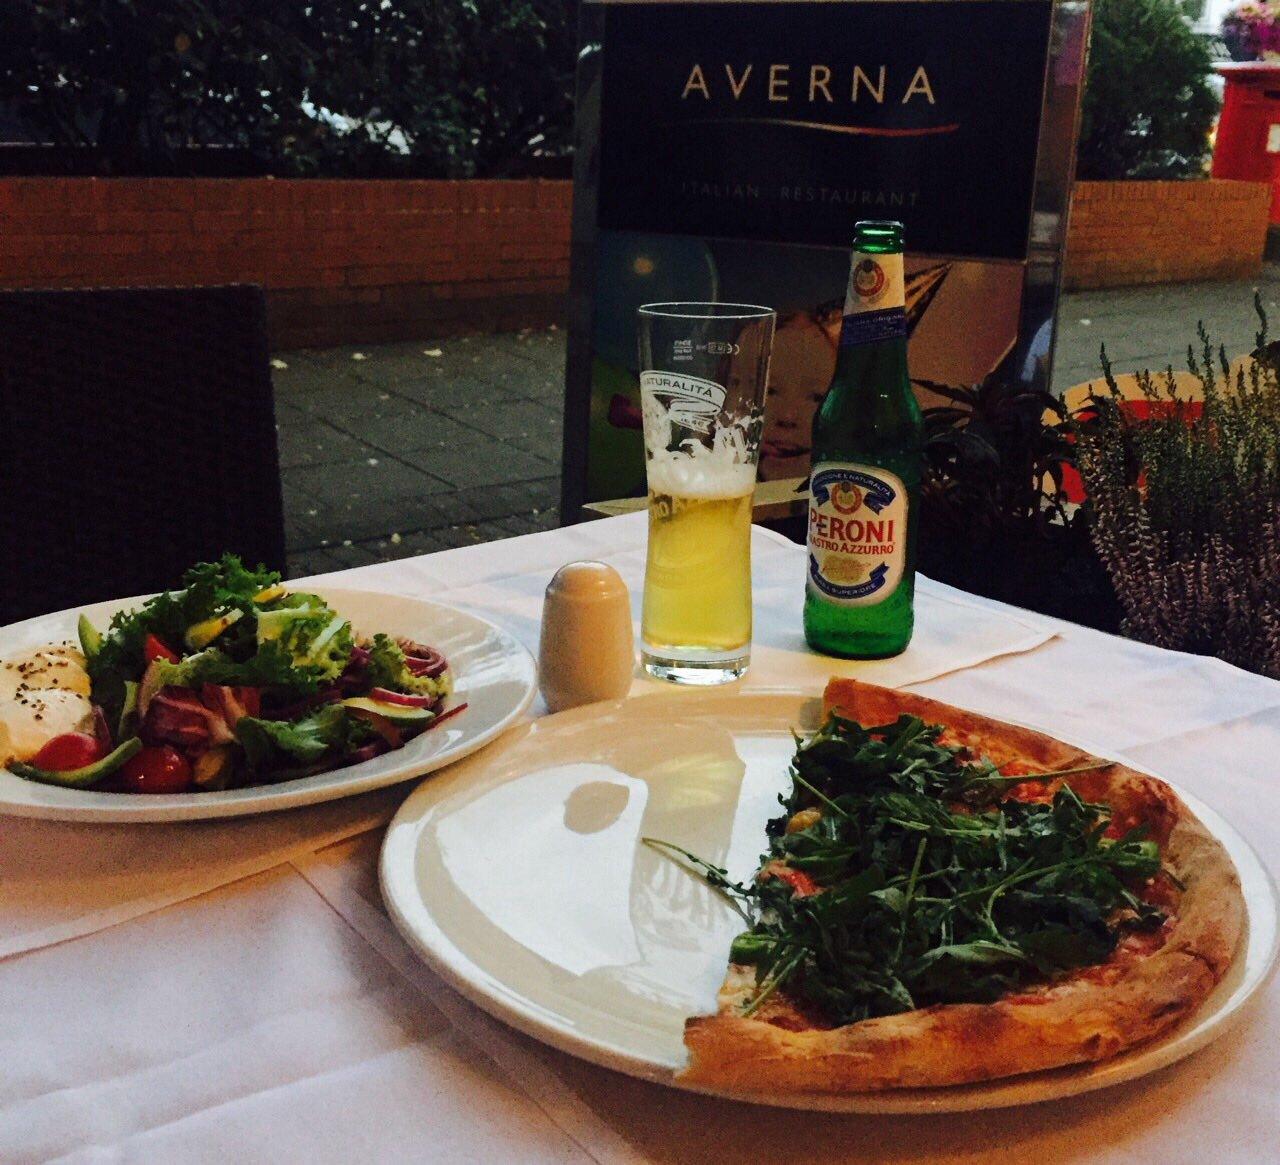 The Averna Restaurant